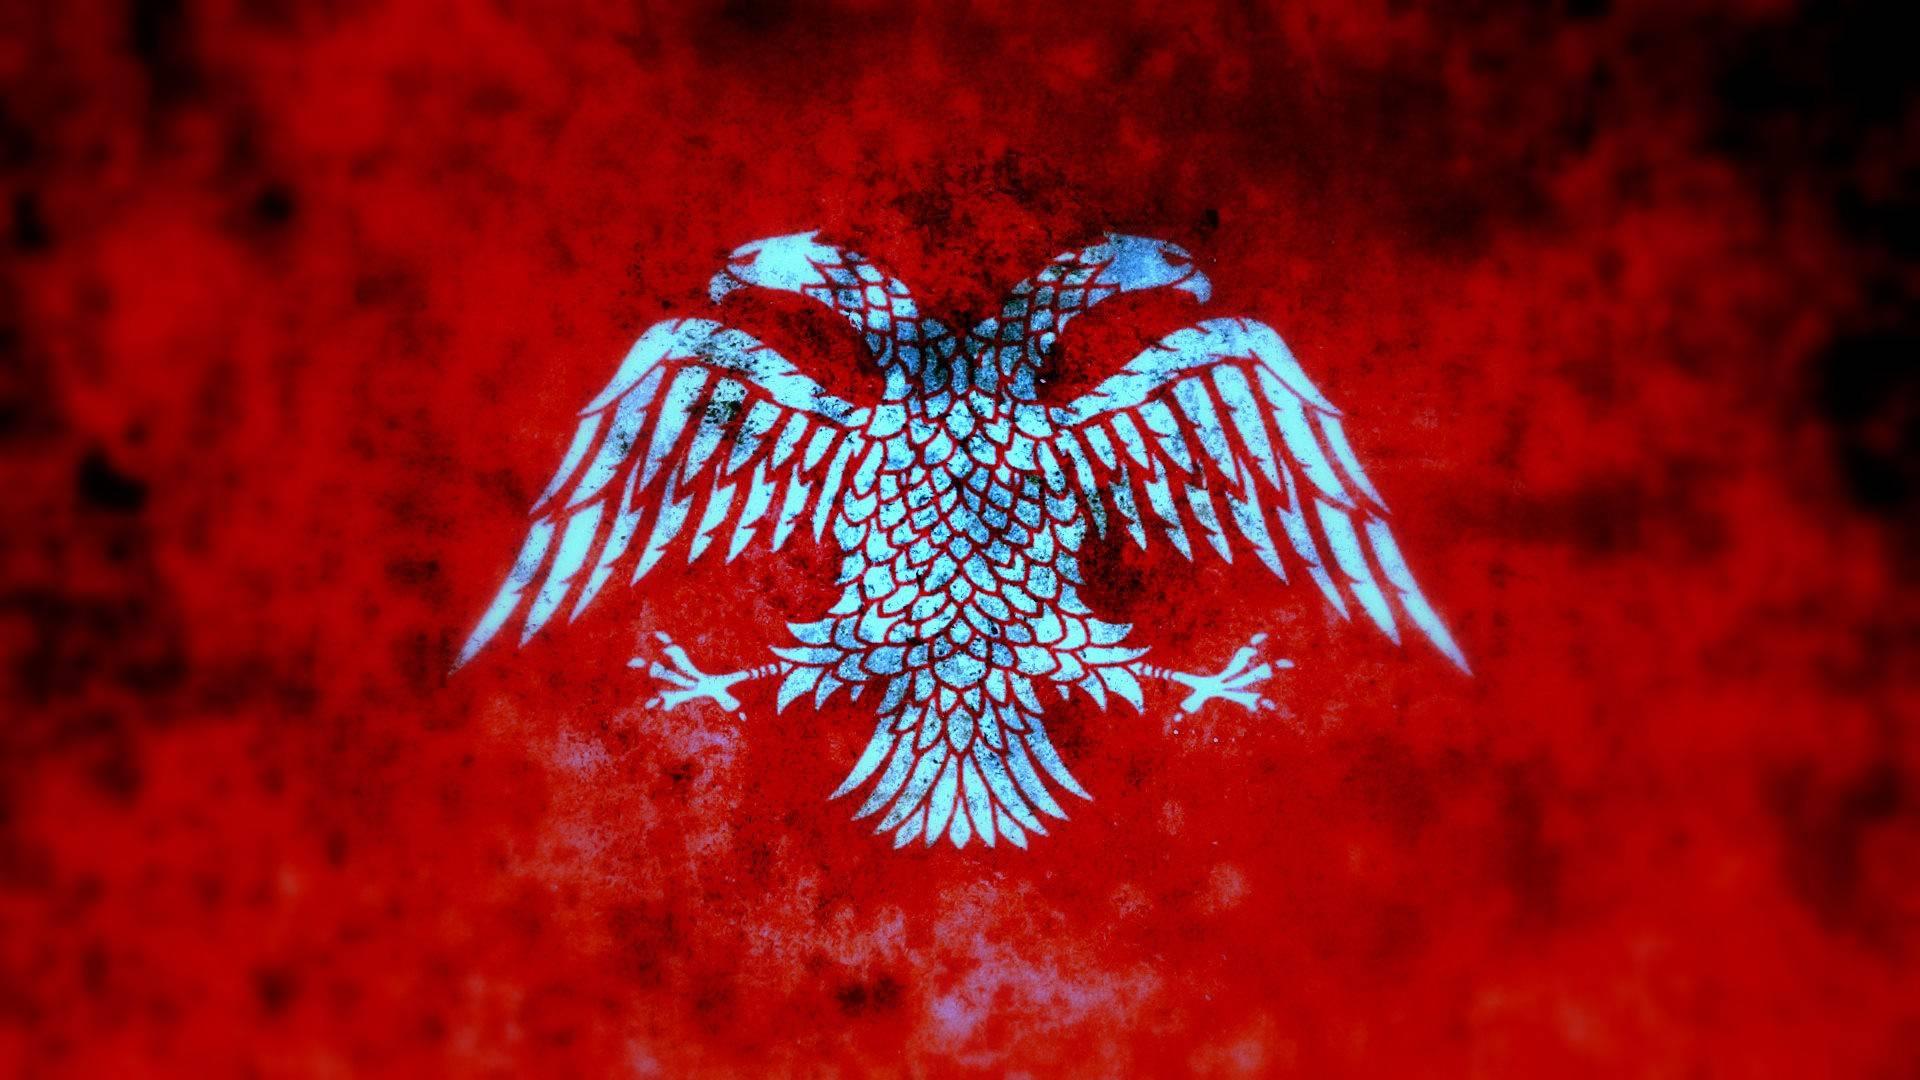 Serbia Serbian 19201080 Wallpaper 1705128 1920x1080